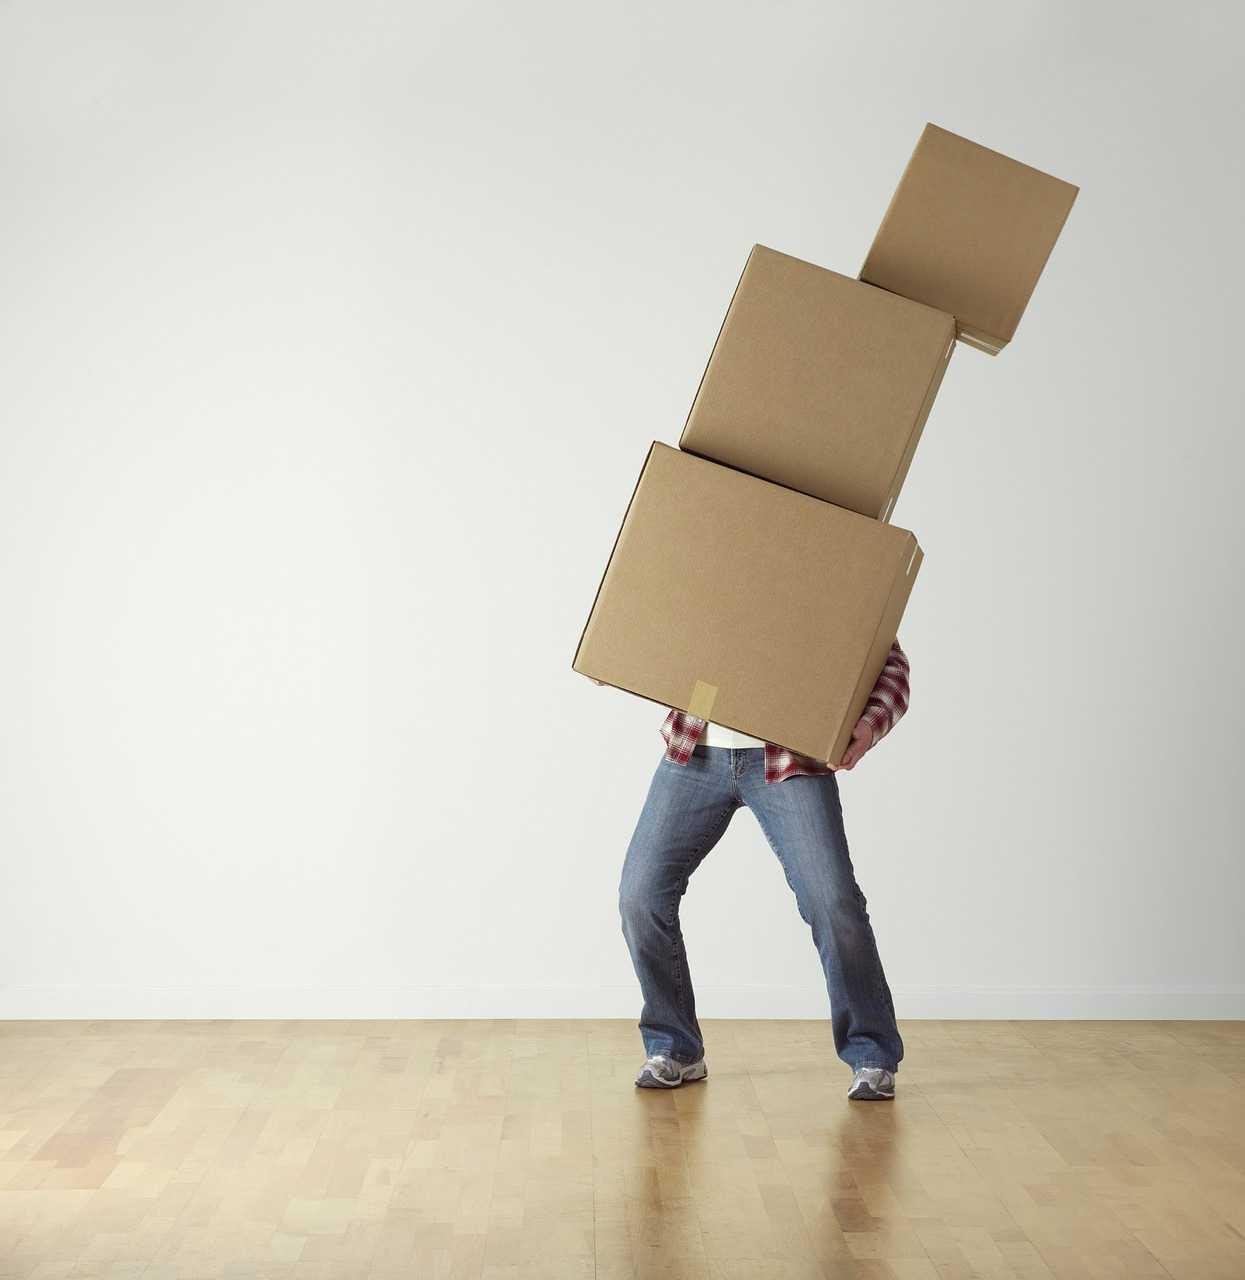 désencombrer sa maison, homme portant des cartons empilés, trier, deco minimaliste, slow design, slow deco